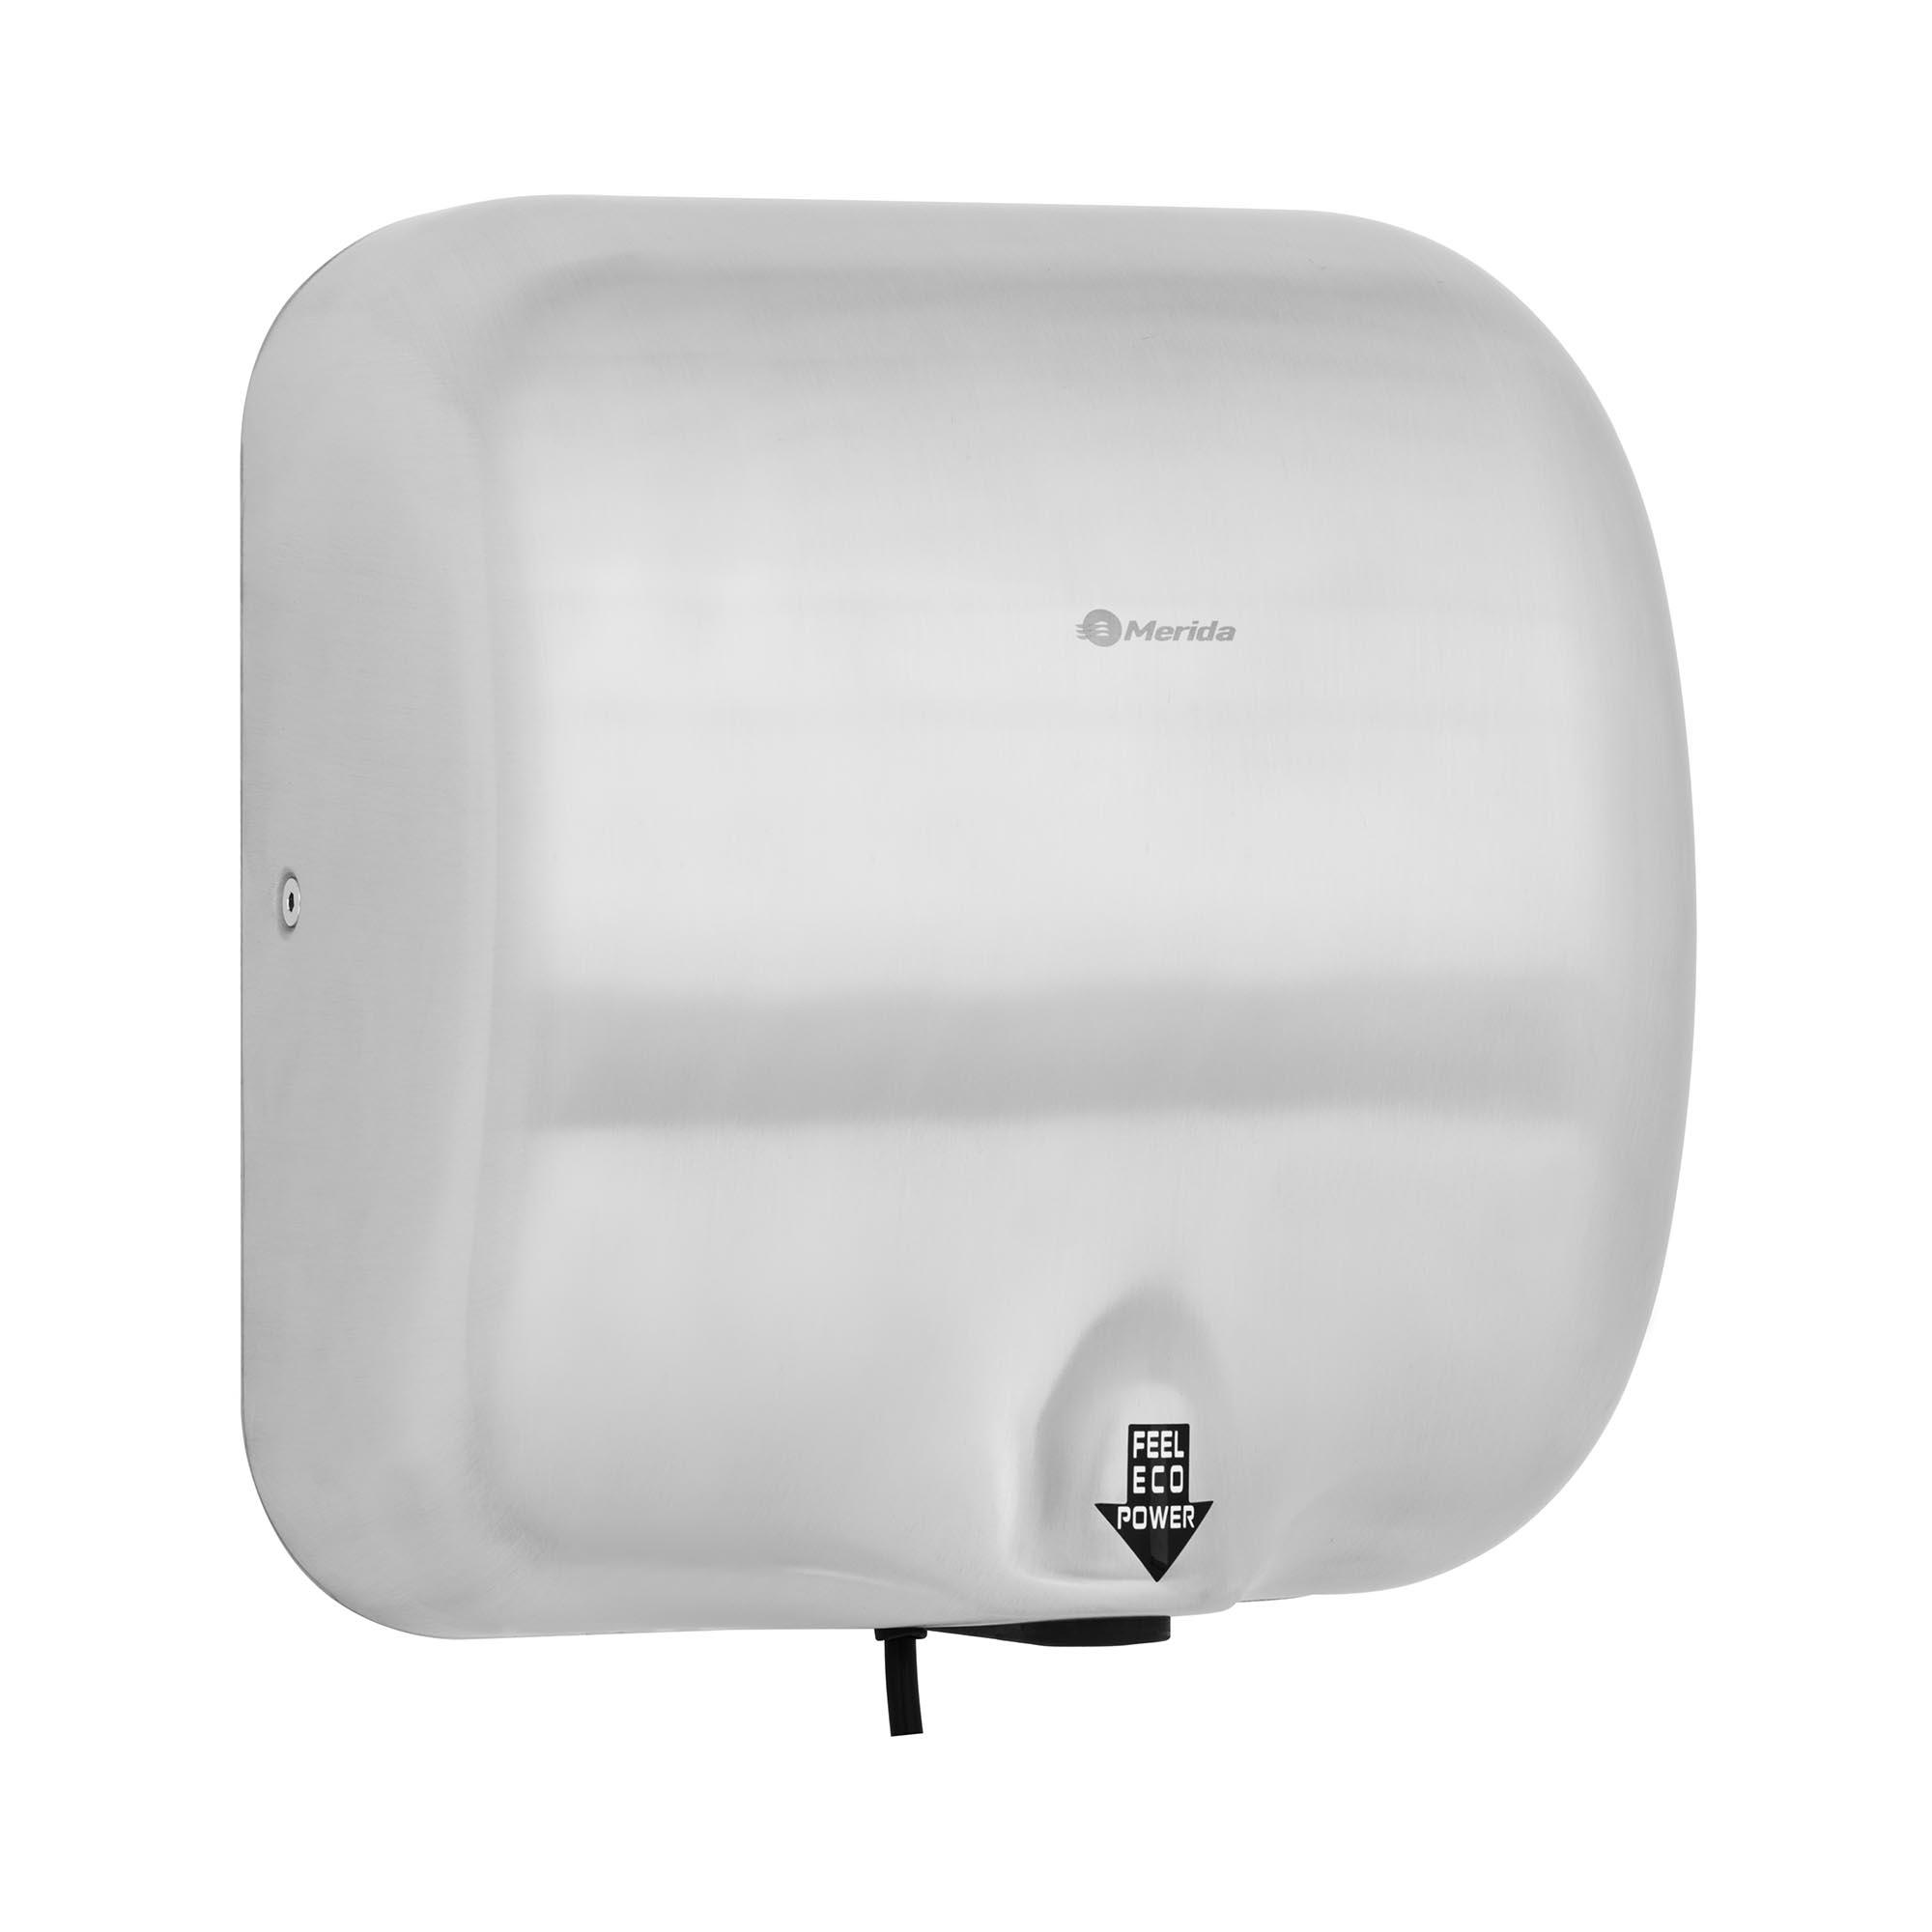 Merida Händetrockner - elektrisch - 1.800 W - matt 10290005